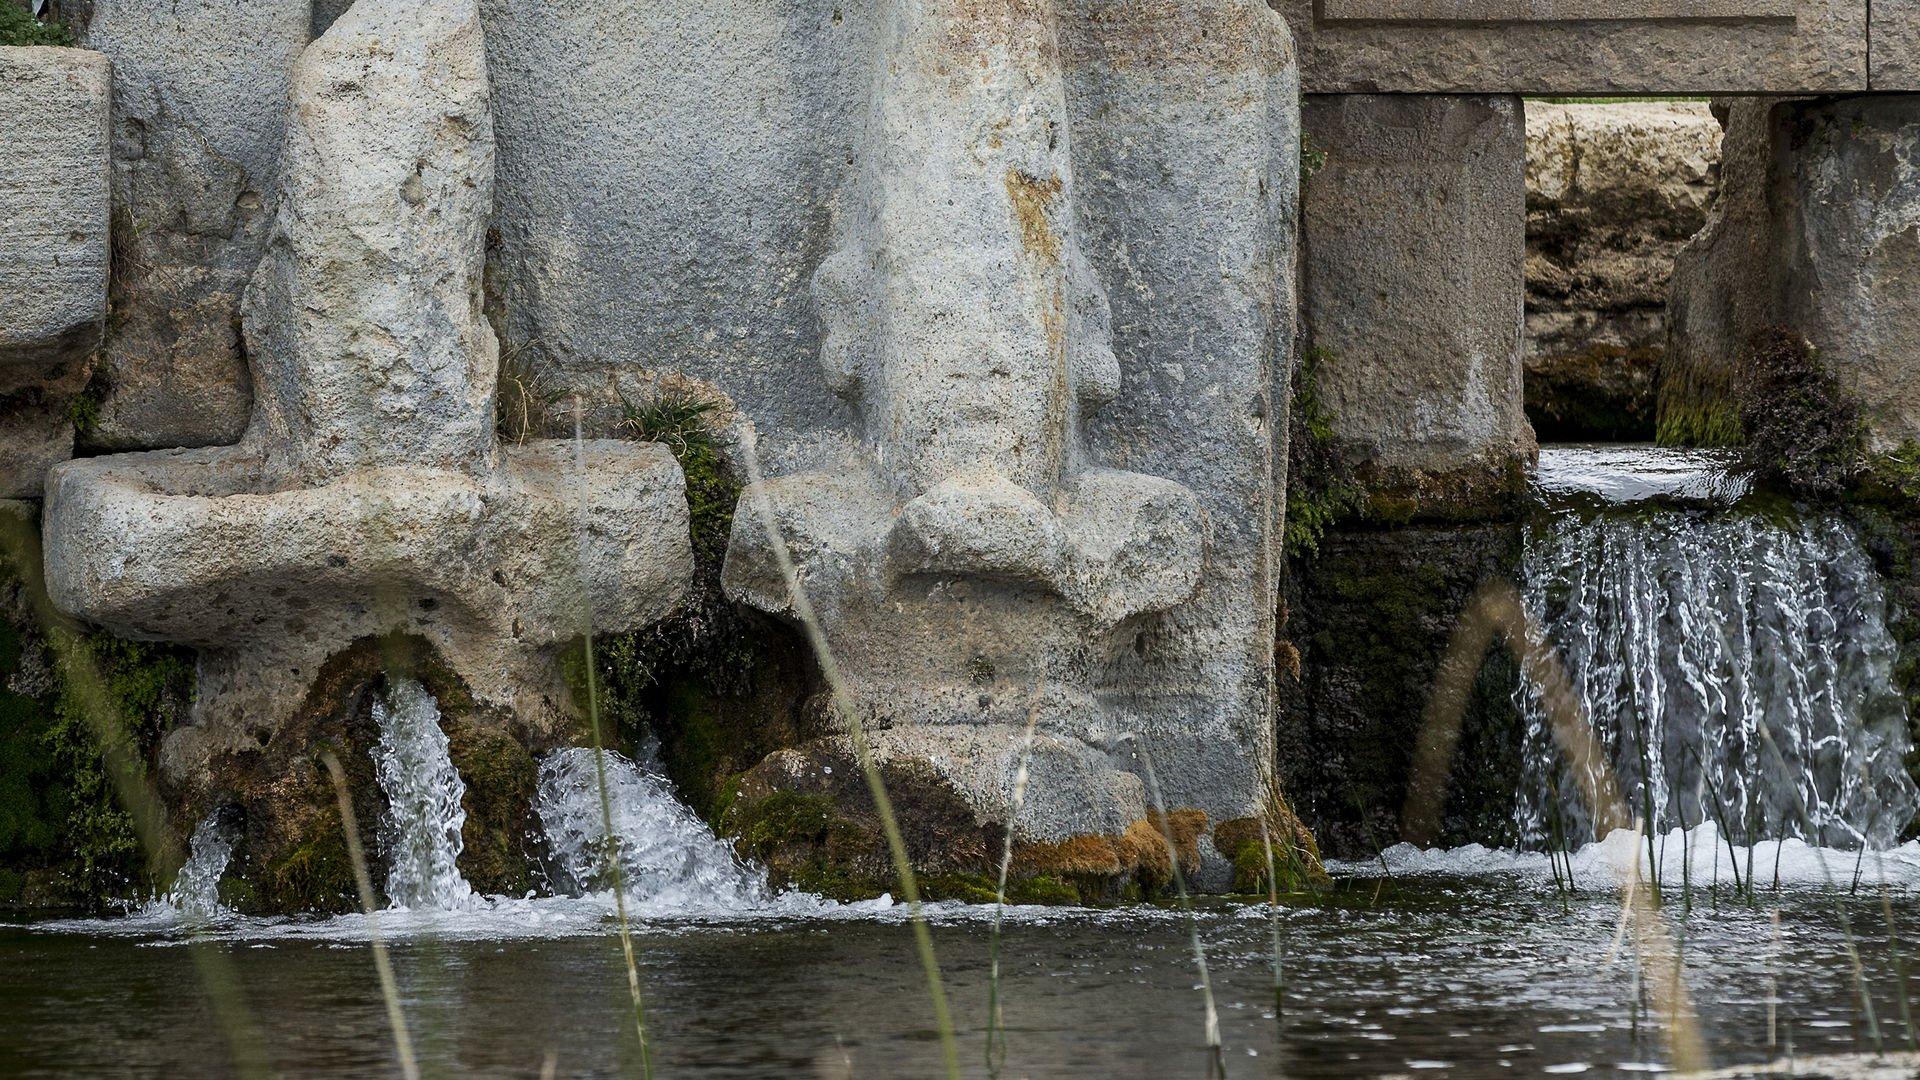 Kültürel ve doğal miraslarımız XVII (Eflatunpınar: Hitit Su Anıtı)